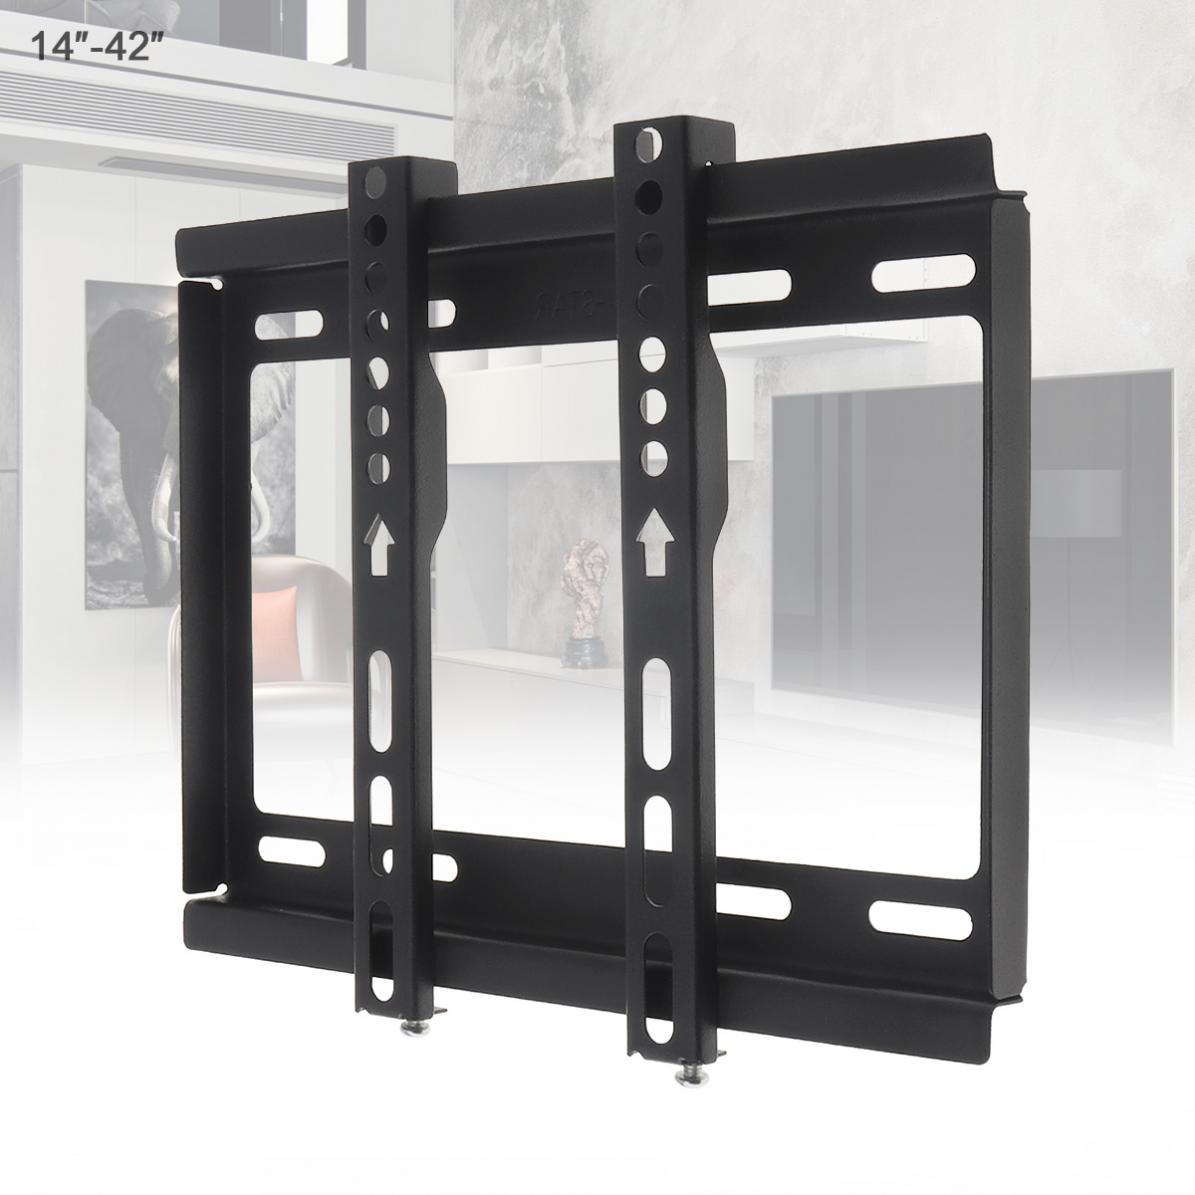 Soporte de montaje en pared Universal para televisor, práctico Marco de TV de tipo fijo de 25KG para Monitor LCD LED de 14 - 42 pulgadas